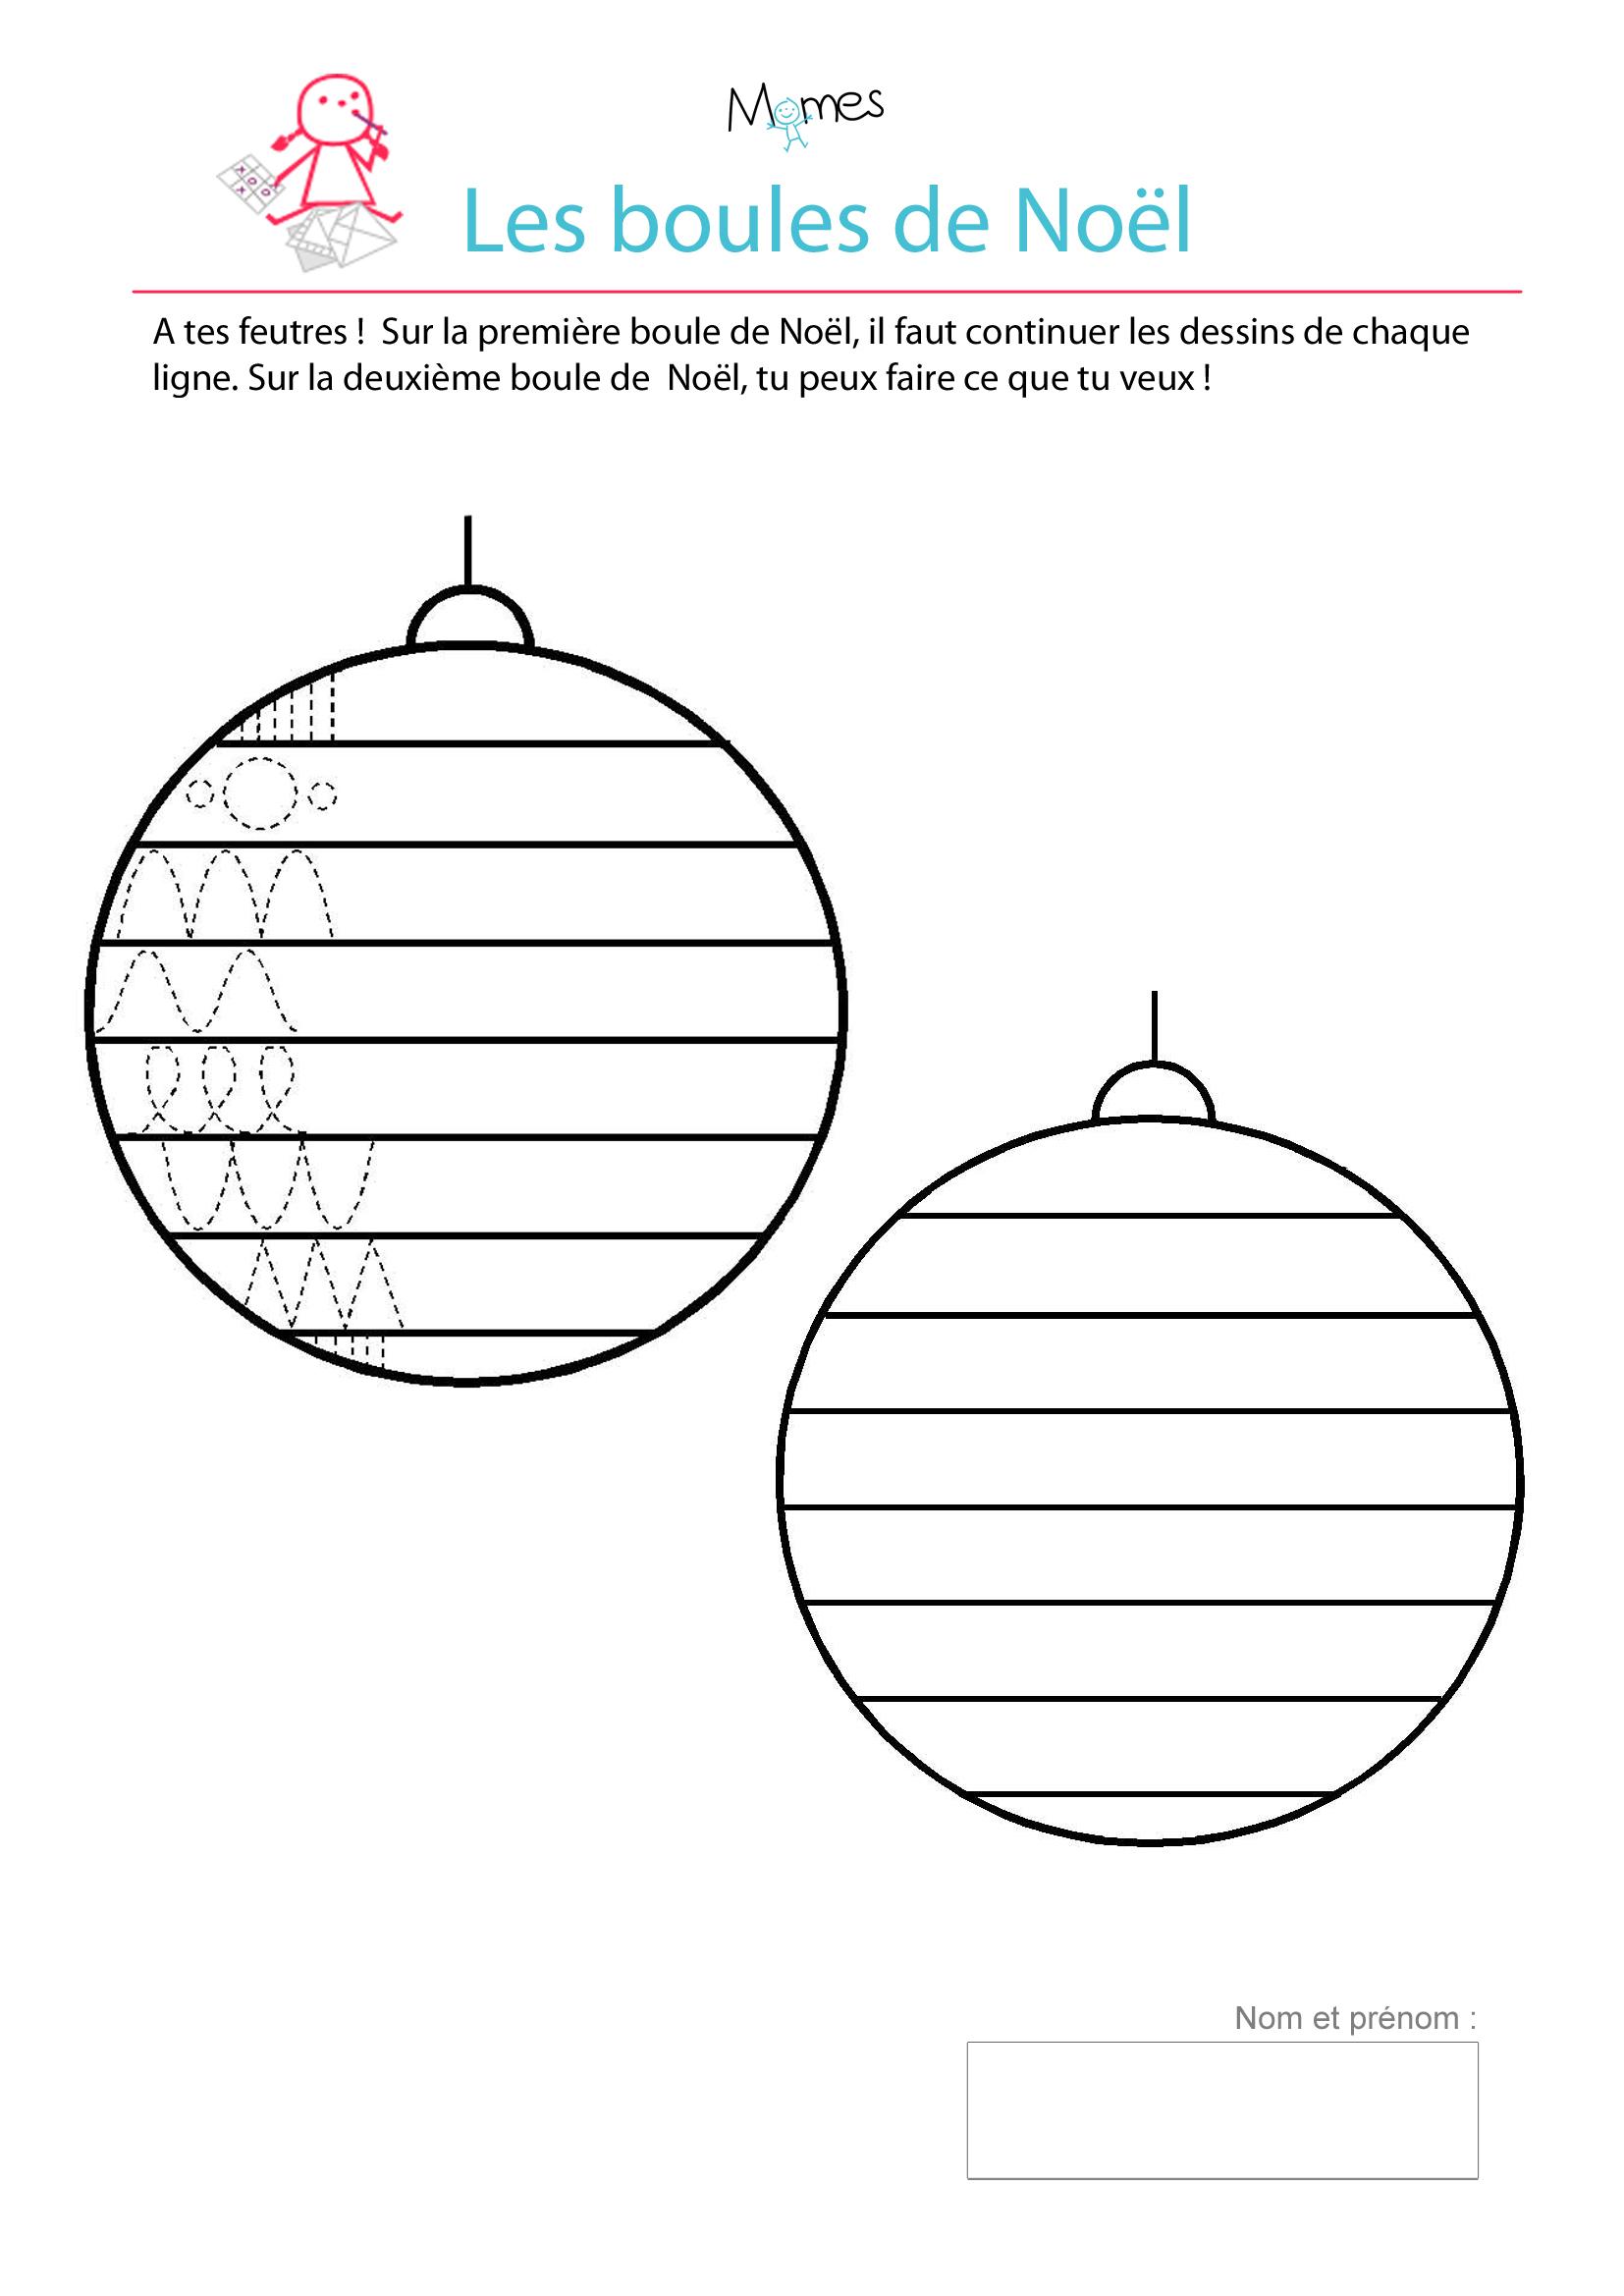 Décore Les Boules De Noël - Exercice De Tracé - Momes dedans Exercices Maternelle À Imprimer